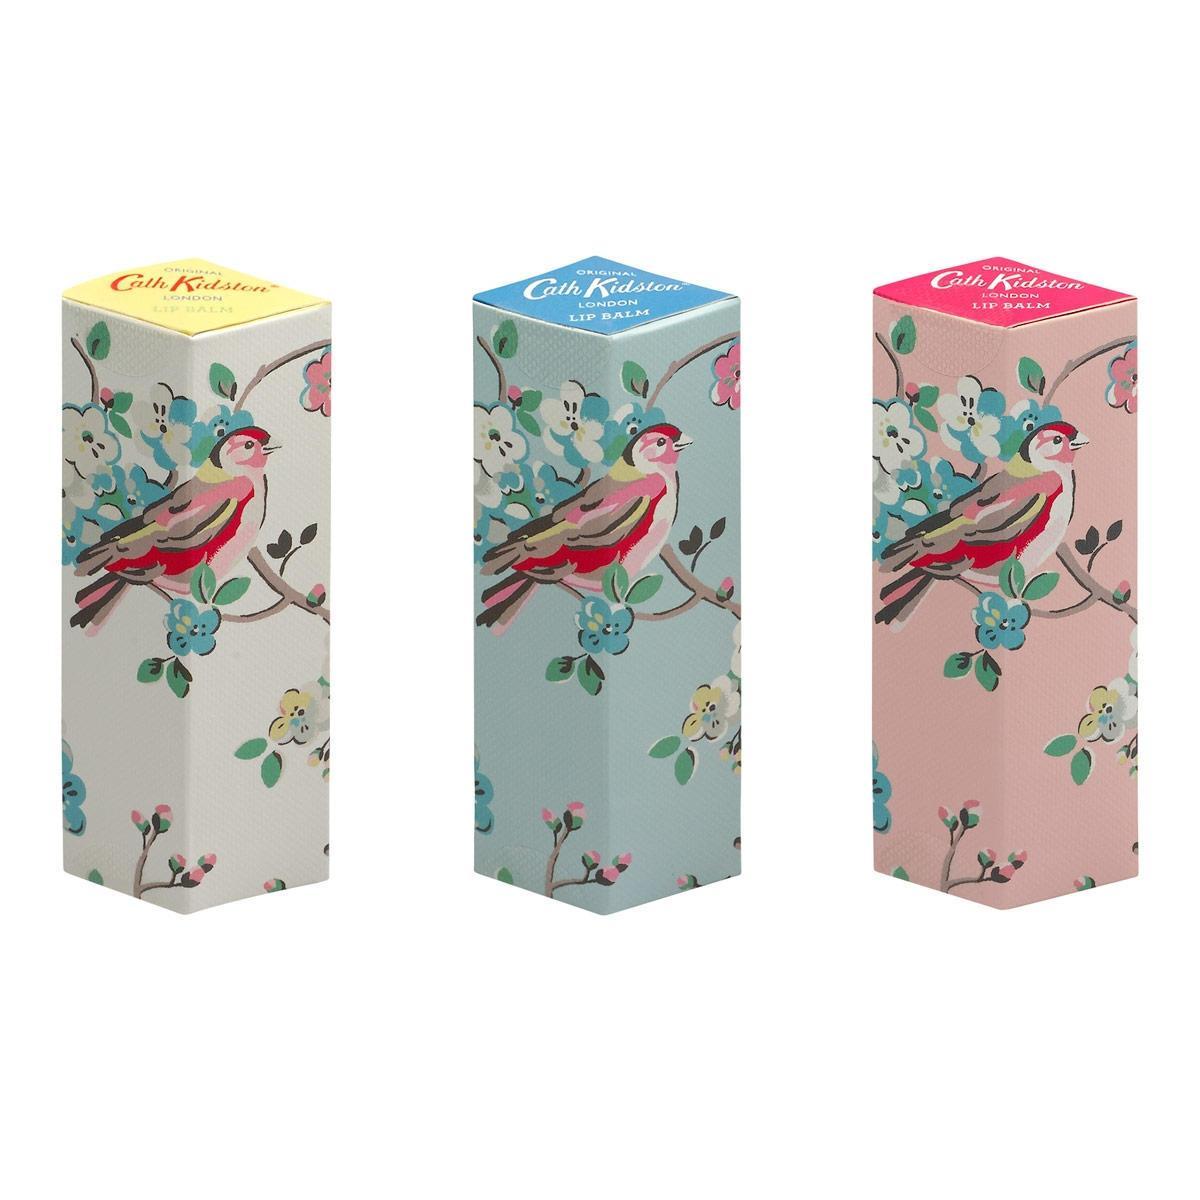 Cath Kidston Balzámy na rty Blossom Birds - set 3 ks, růžová barva, modrá barva, žlutá barva, plast, papír